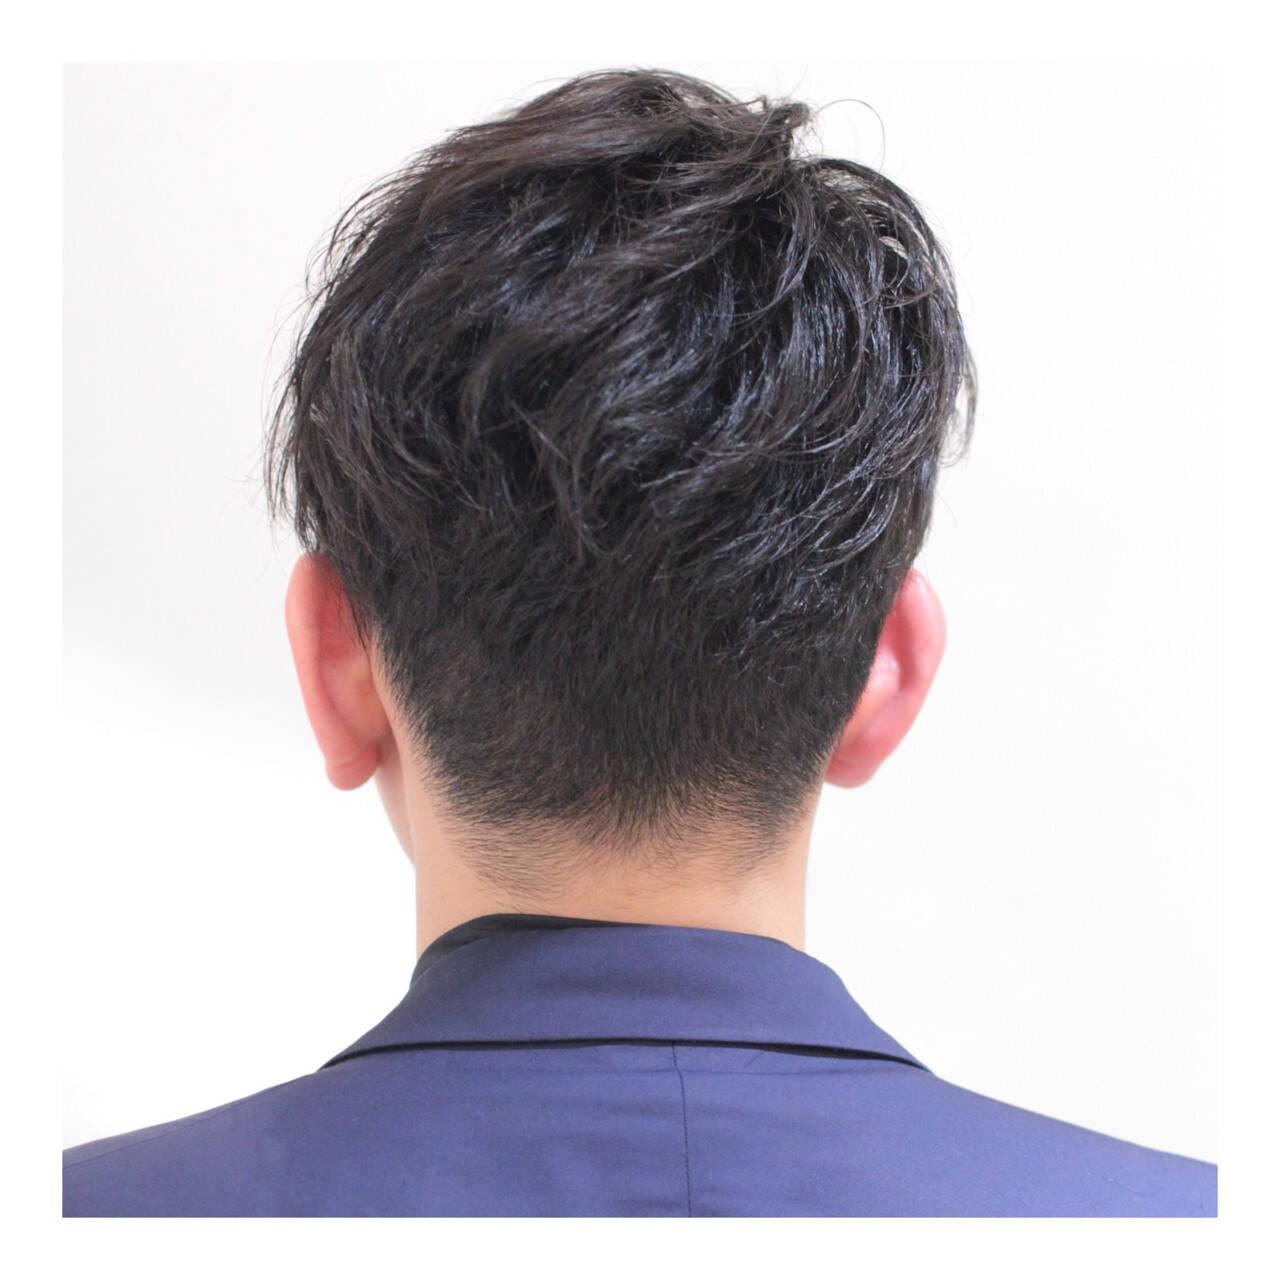 ナチュラル ボーイッシュ ショート 無造作ヘアスタイルや髪型の写真・画像